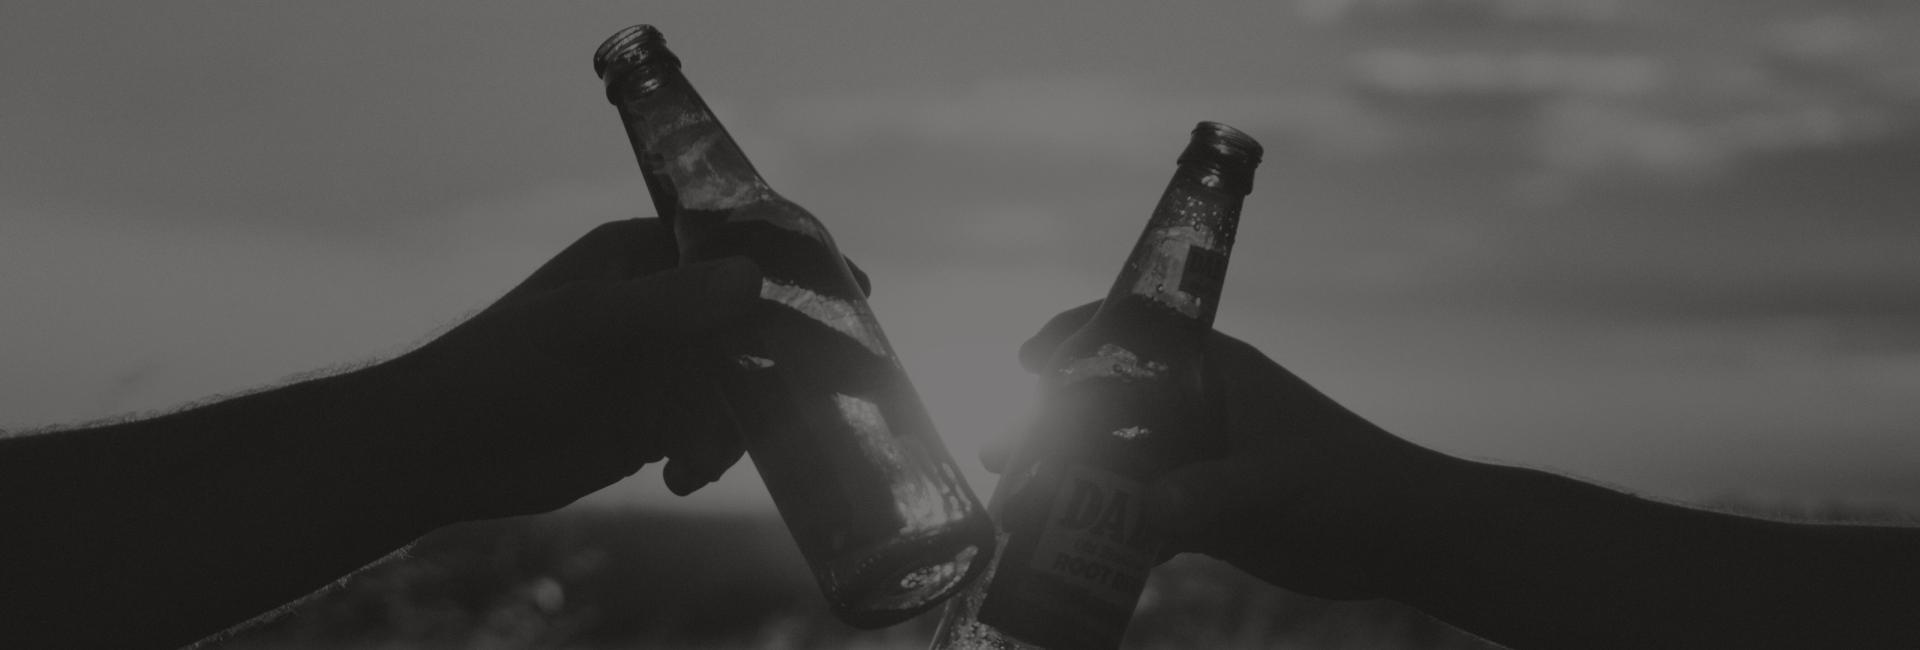 bier-compagnie-wie-zijn-wij